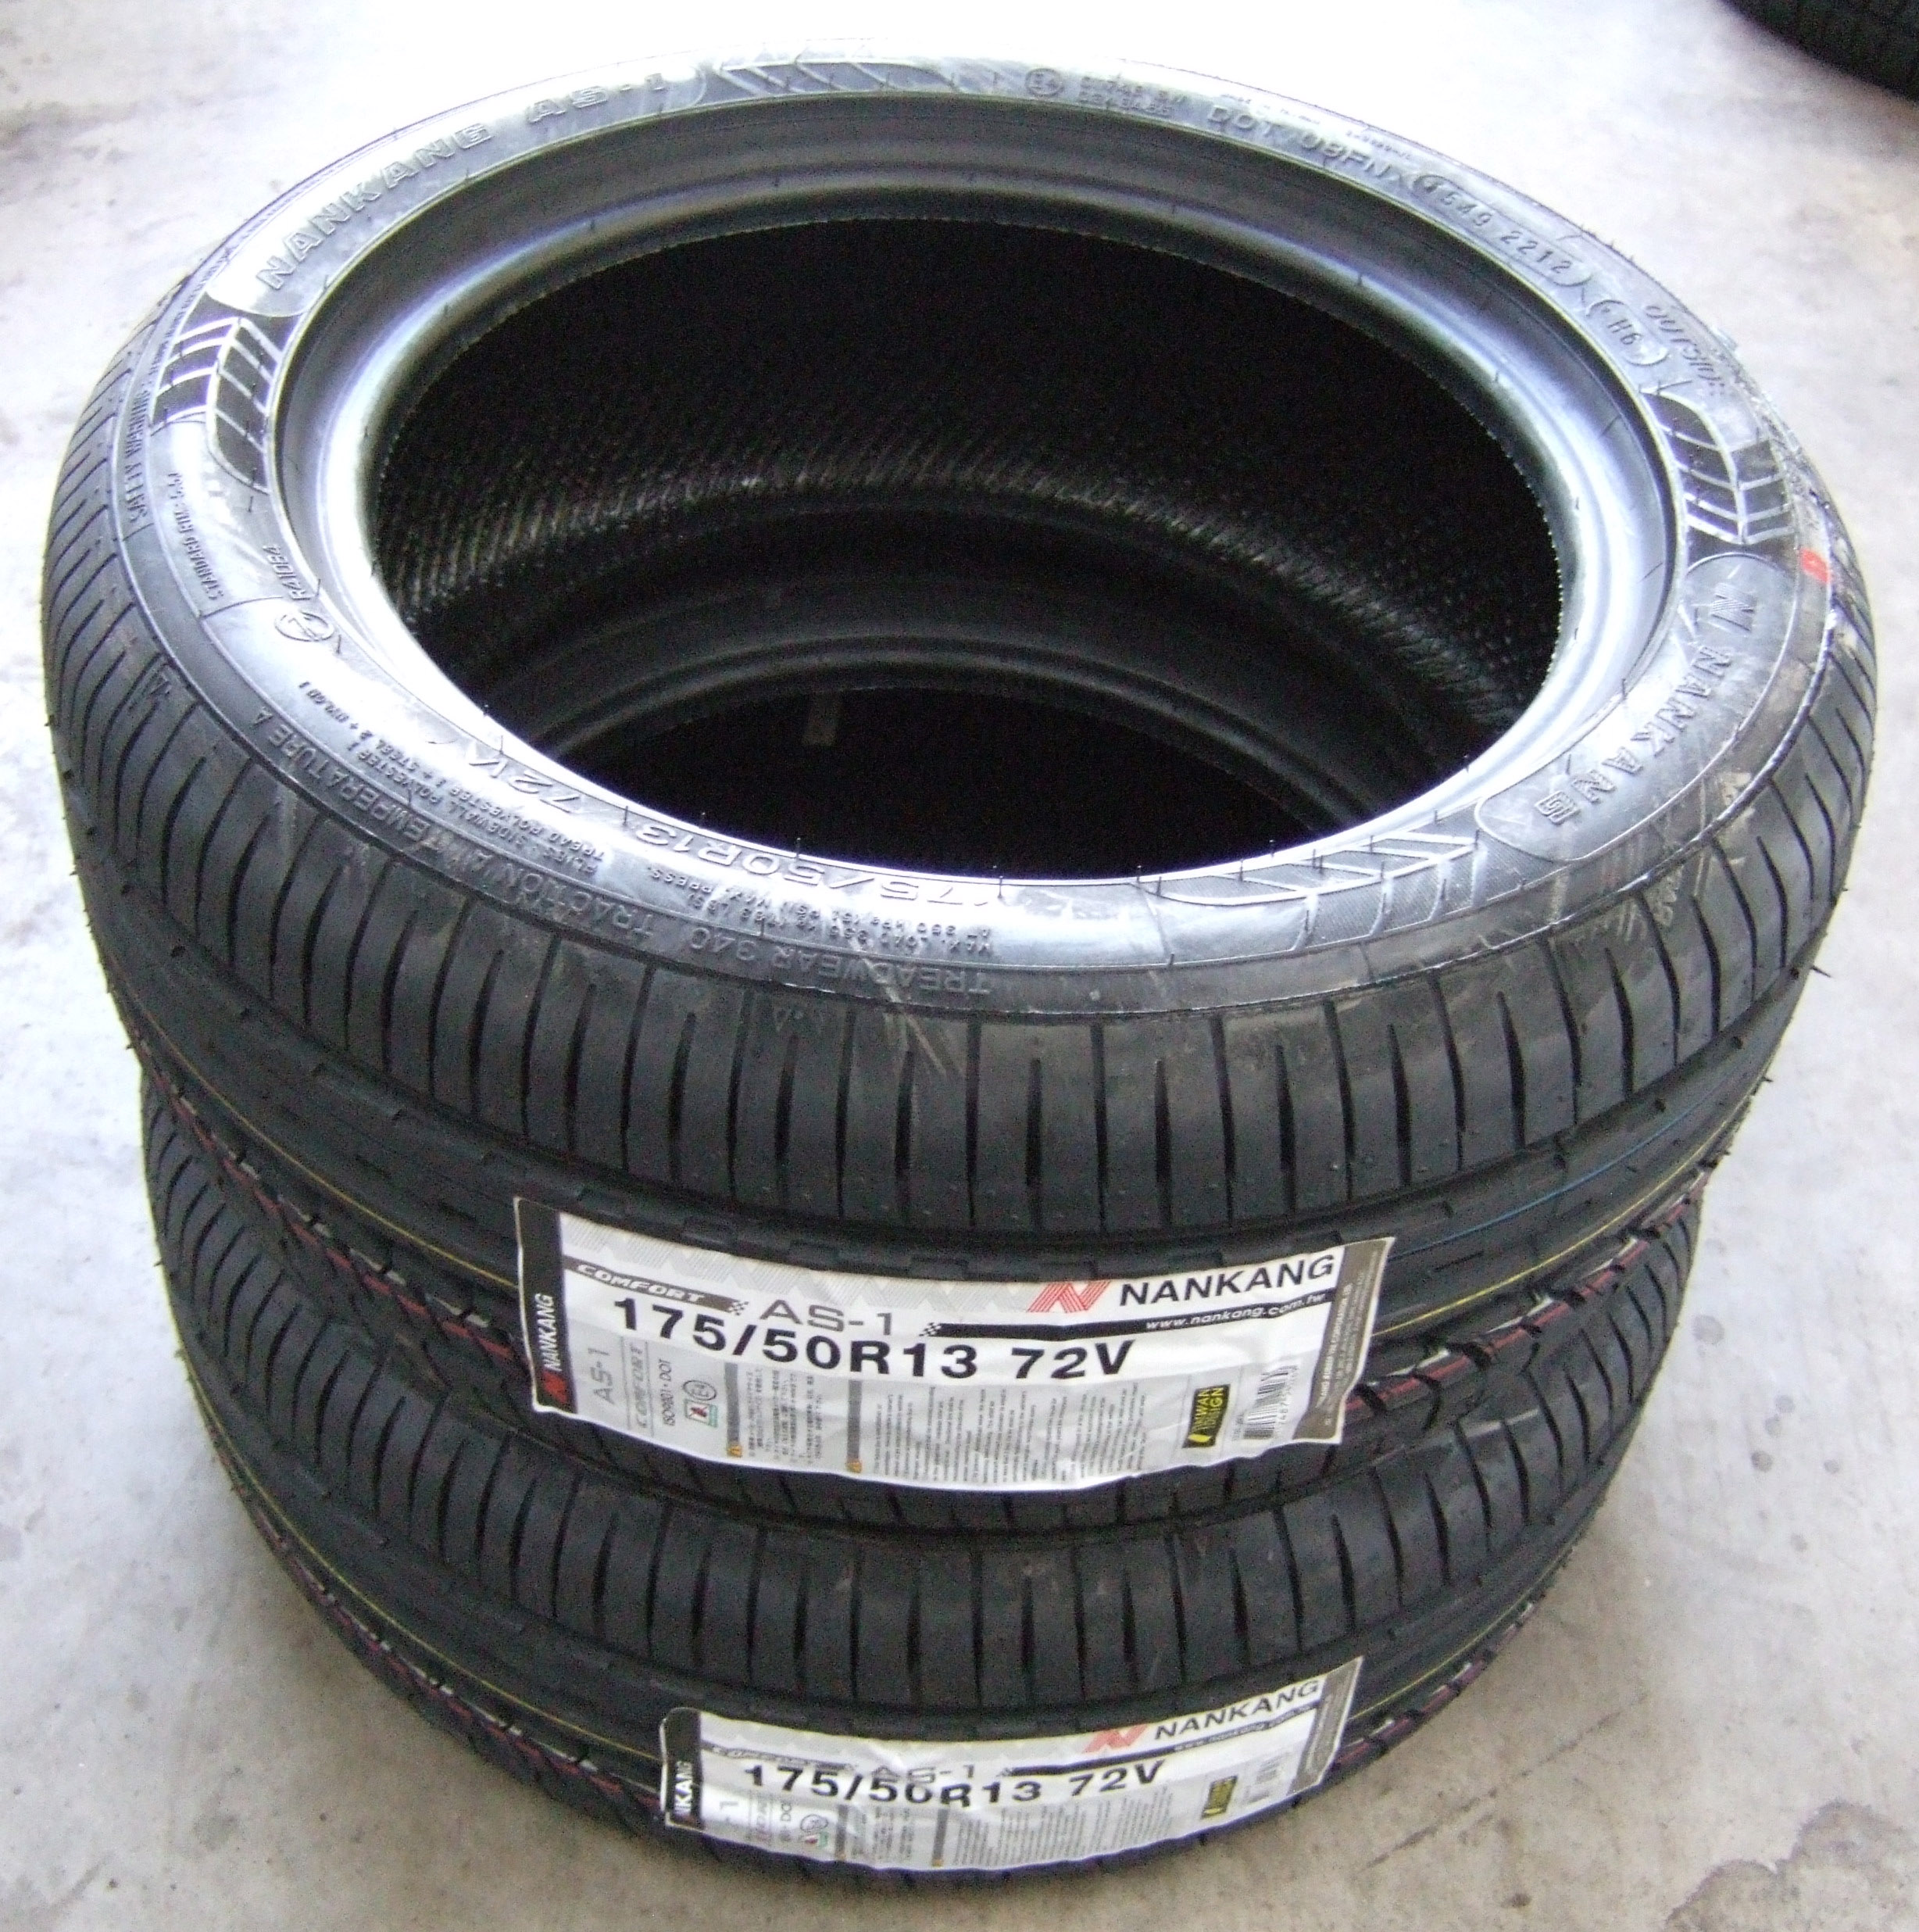 175 50 13 nankang comfort as1 tyres 72v 1755013 175 50 13. Black Bedroom Furniture Sets. Home Design Ideas